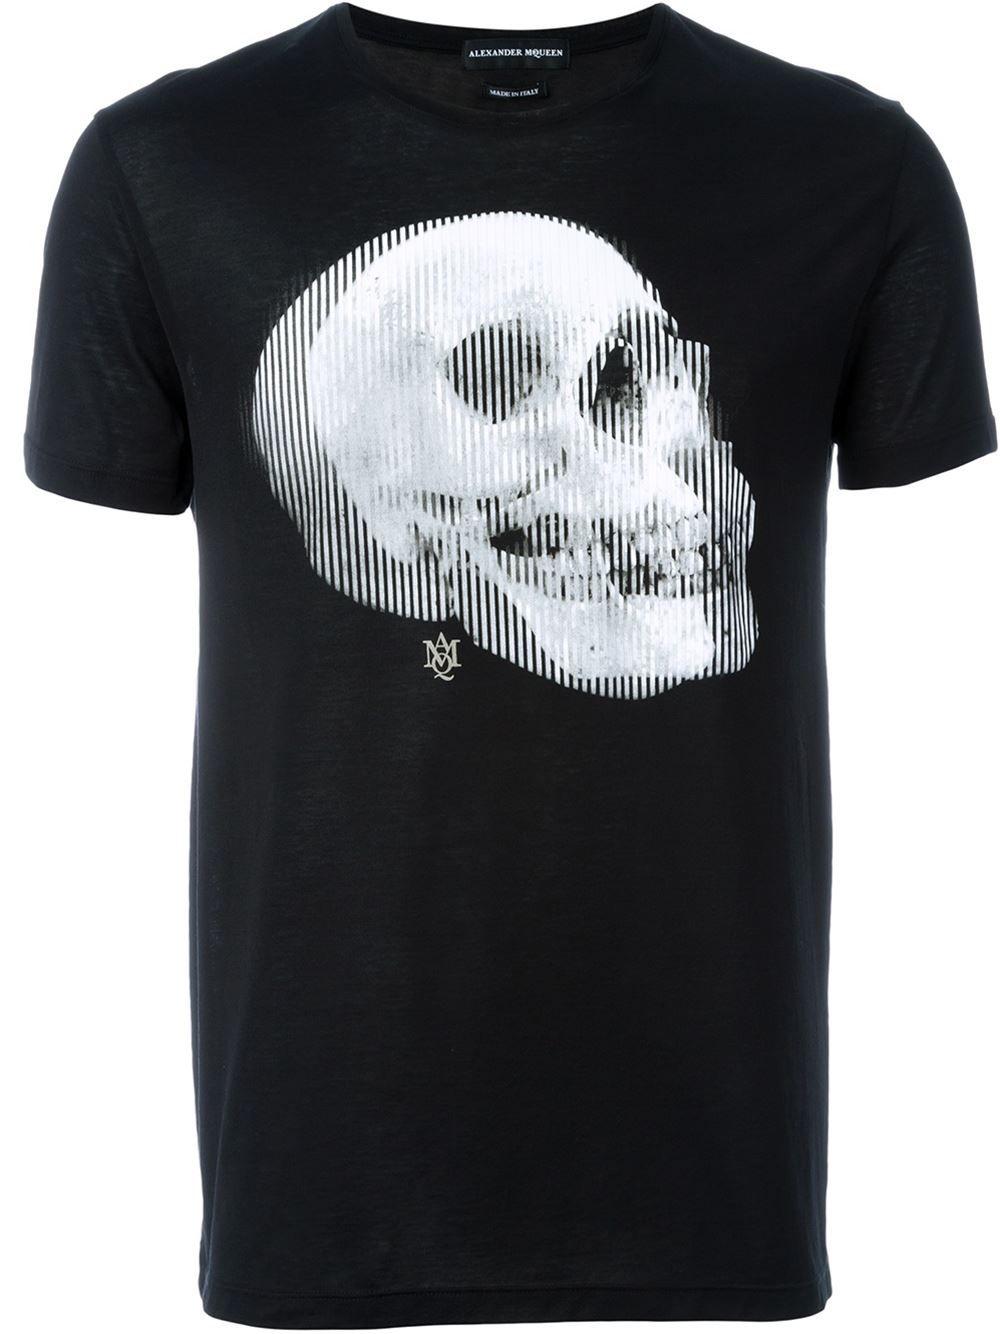 Alexander McQueen Camiseta com estampa  ab20abd8a64